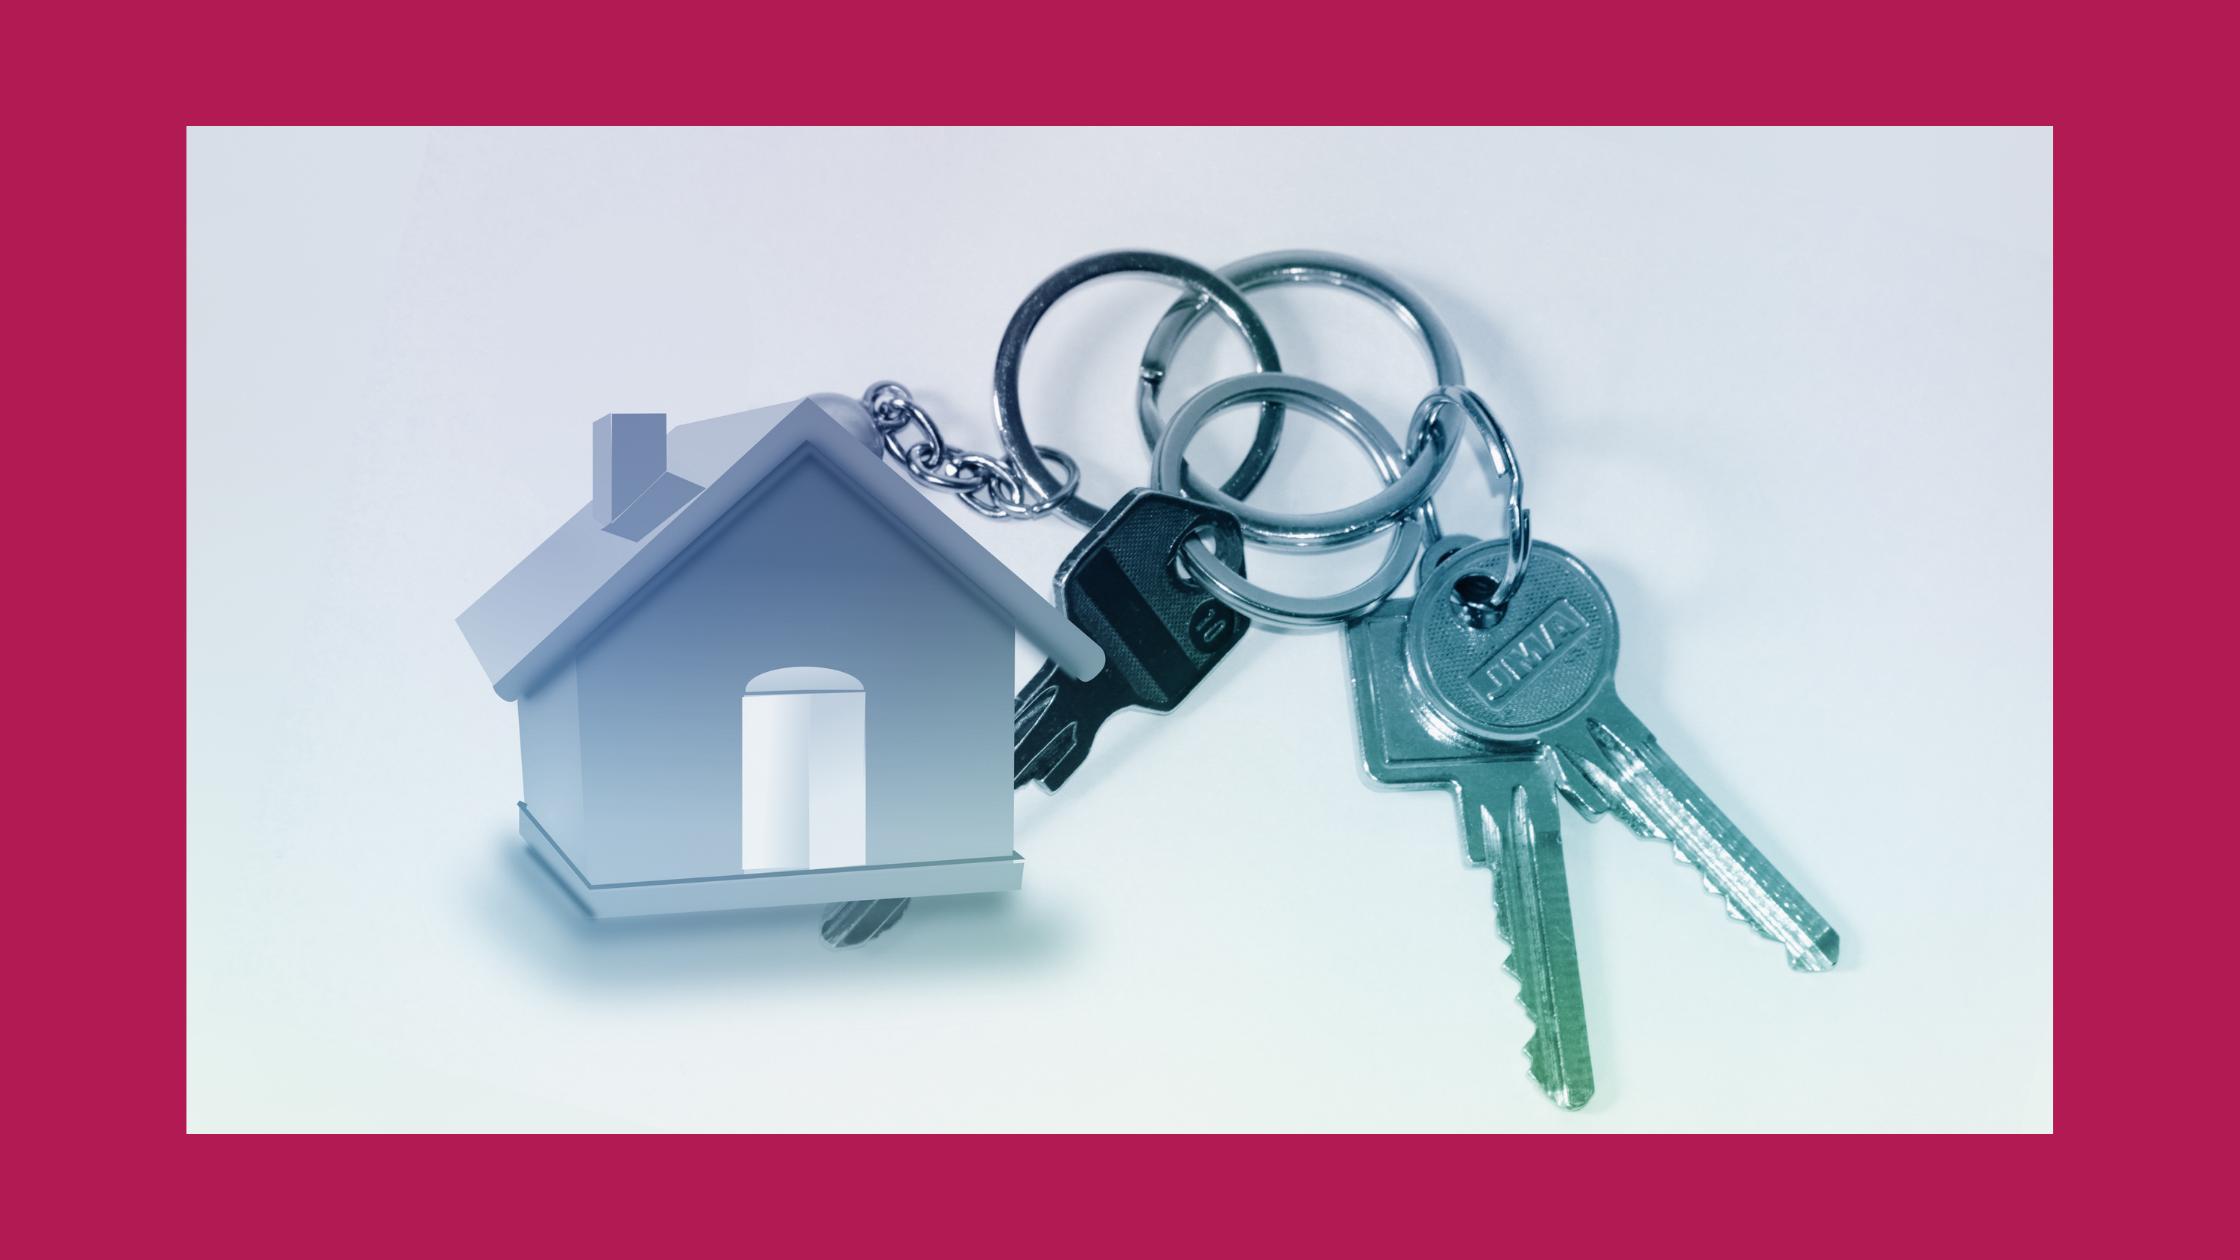 La società proprietaria dell'immobile dato in comodato ha diritto ai danni per il ritardo nella restituzione.